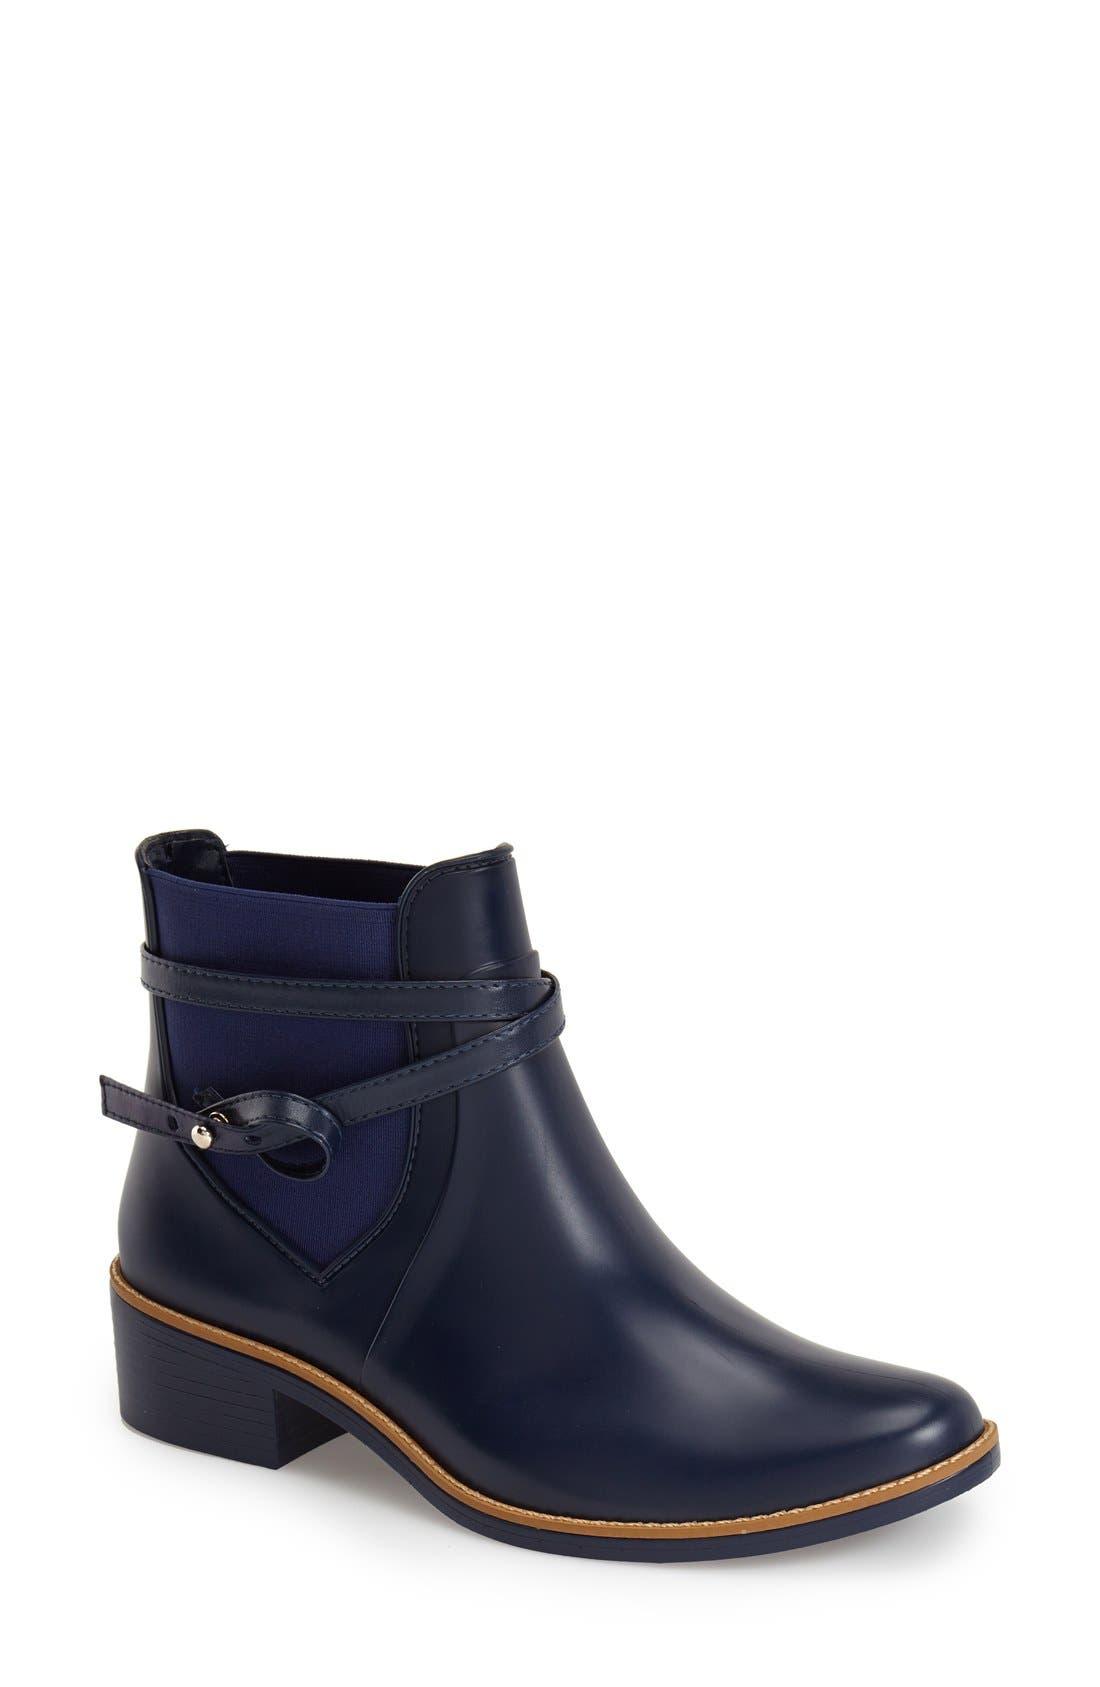 Alternate Image 1 Selected - Bernardo Peony Short Waterproof Rain Boot (Women)